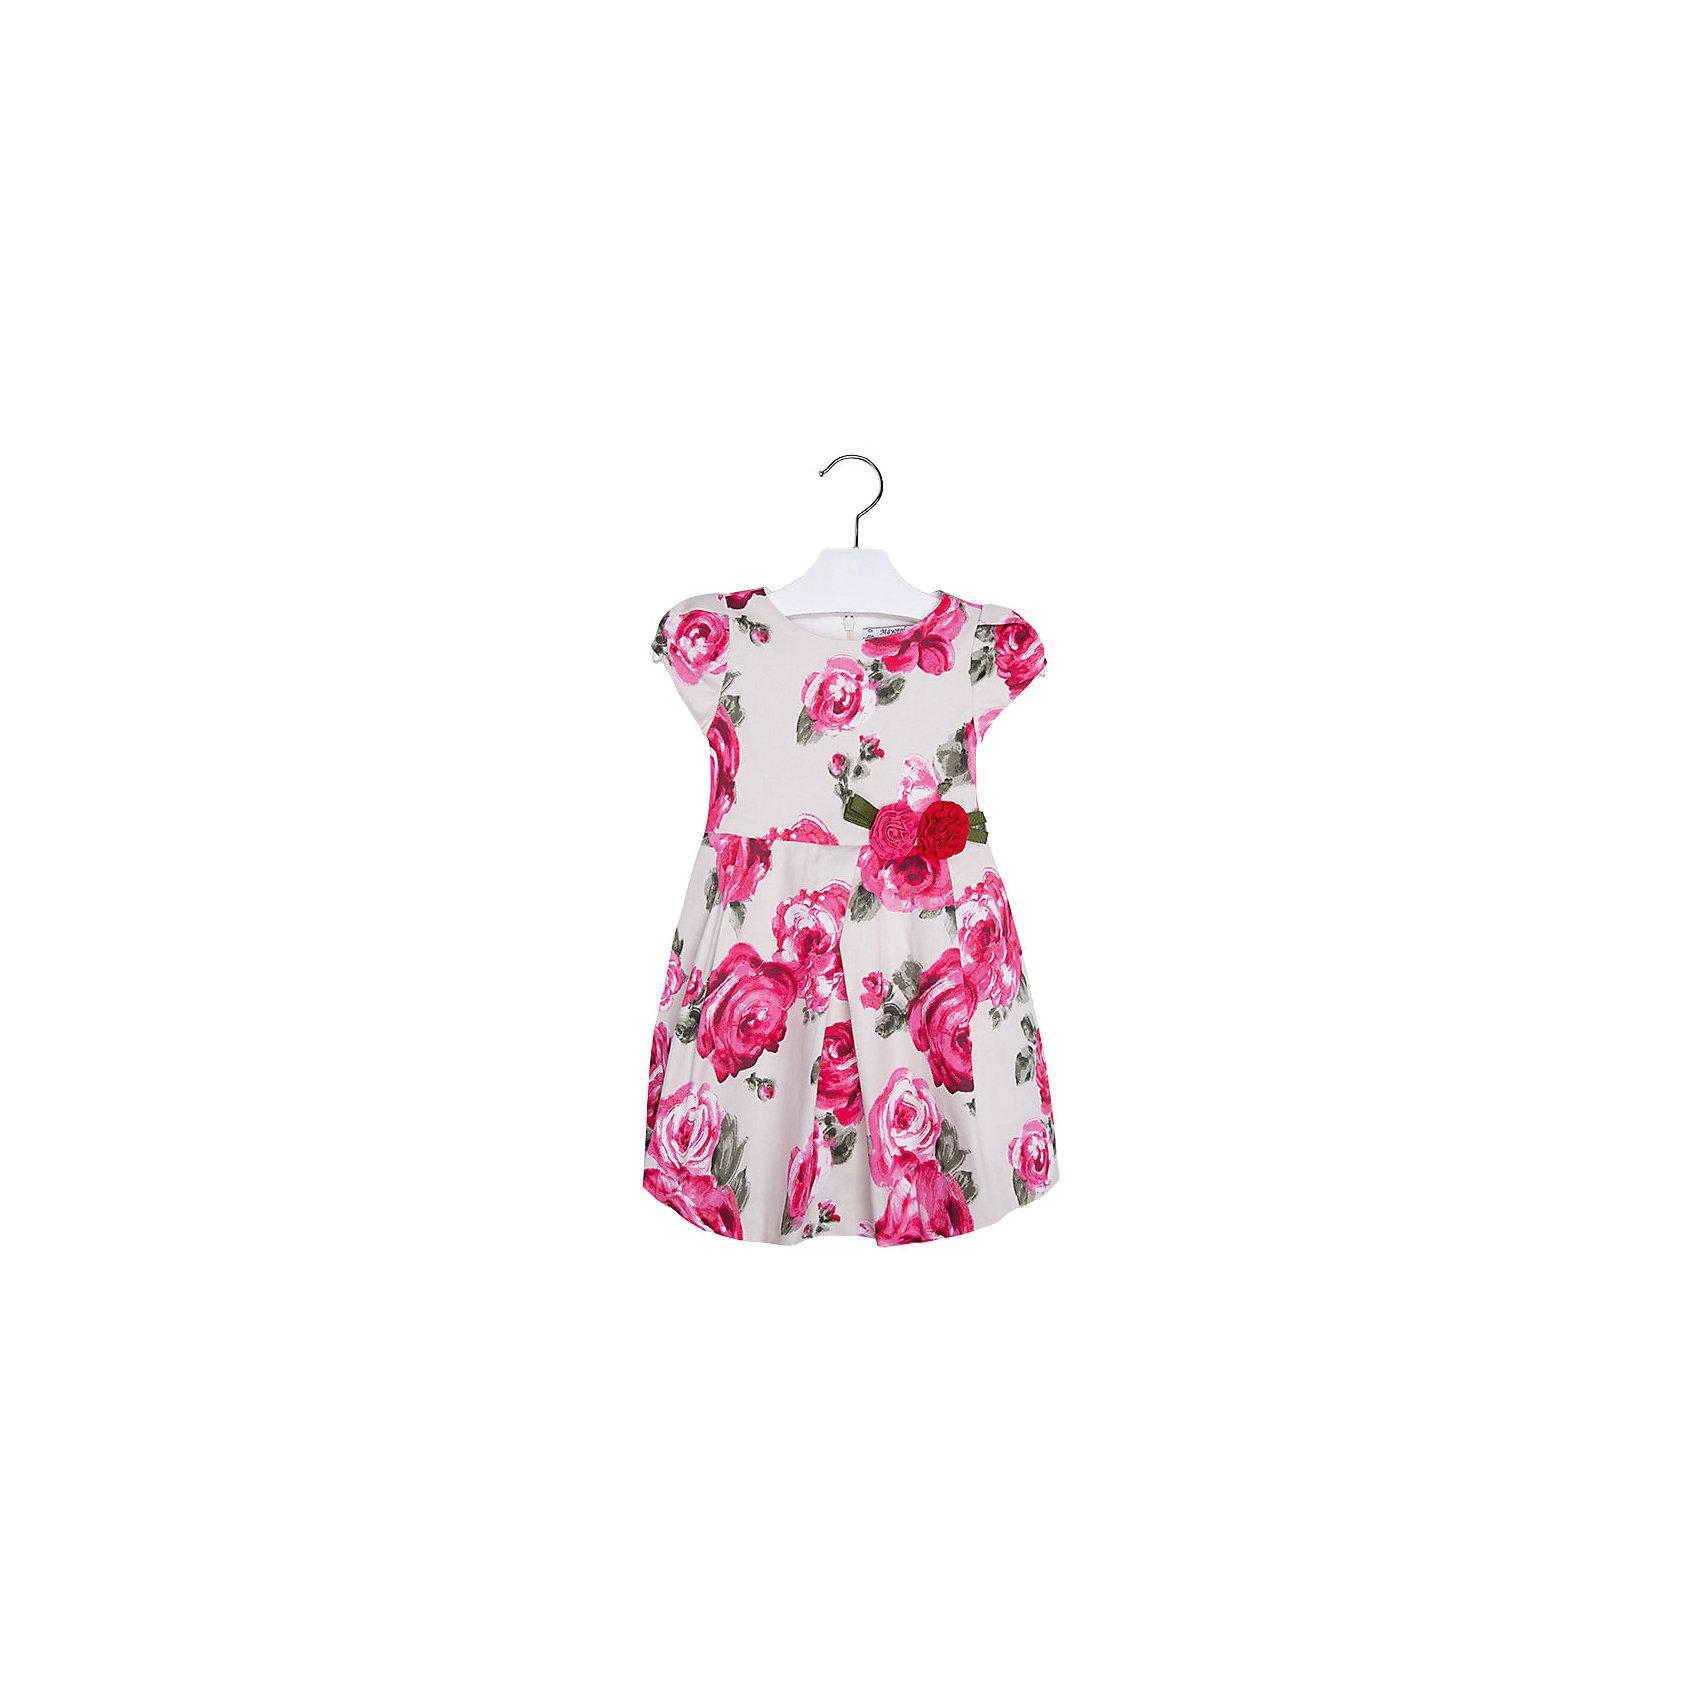 Платье для девочки MayoralПлатье для девочки от известной испанской марки Mayoral <br><br>Очень красивое платье от Mayoral отлично смотрится на любой маленькой принцессе! Выглядит нарядно и оригинально. Модель выполнена из качественных материалов, отлично сидит по фигуре.<br><br>Особенности модели:<br><br>- цвет: розовый, белый;<br>- цветочный принт;<br>- сзади молния.<br><br>Дополнительная информация:<br><br>Состав: 96% хлопок, 4% эластан<br><br>Платье для девочки Mayoral (Майорал) можно купить в нашем магазине.<br><br>Ширина мм: 236<br>Глубина мм: 16<br>Высота мм: 184<br>Вес г: 177<br>Цвет: розовый<br>Возраст от месяцев: 24<br>Возраст до месяцев: 36<br>Пол: Женский<br>Возраст: Детский<br>Размер: 98,110,92,104,116,128,134,122<br>SKU: 4543205